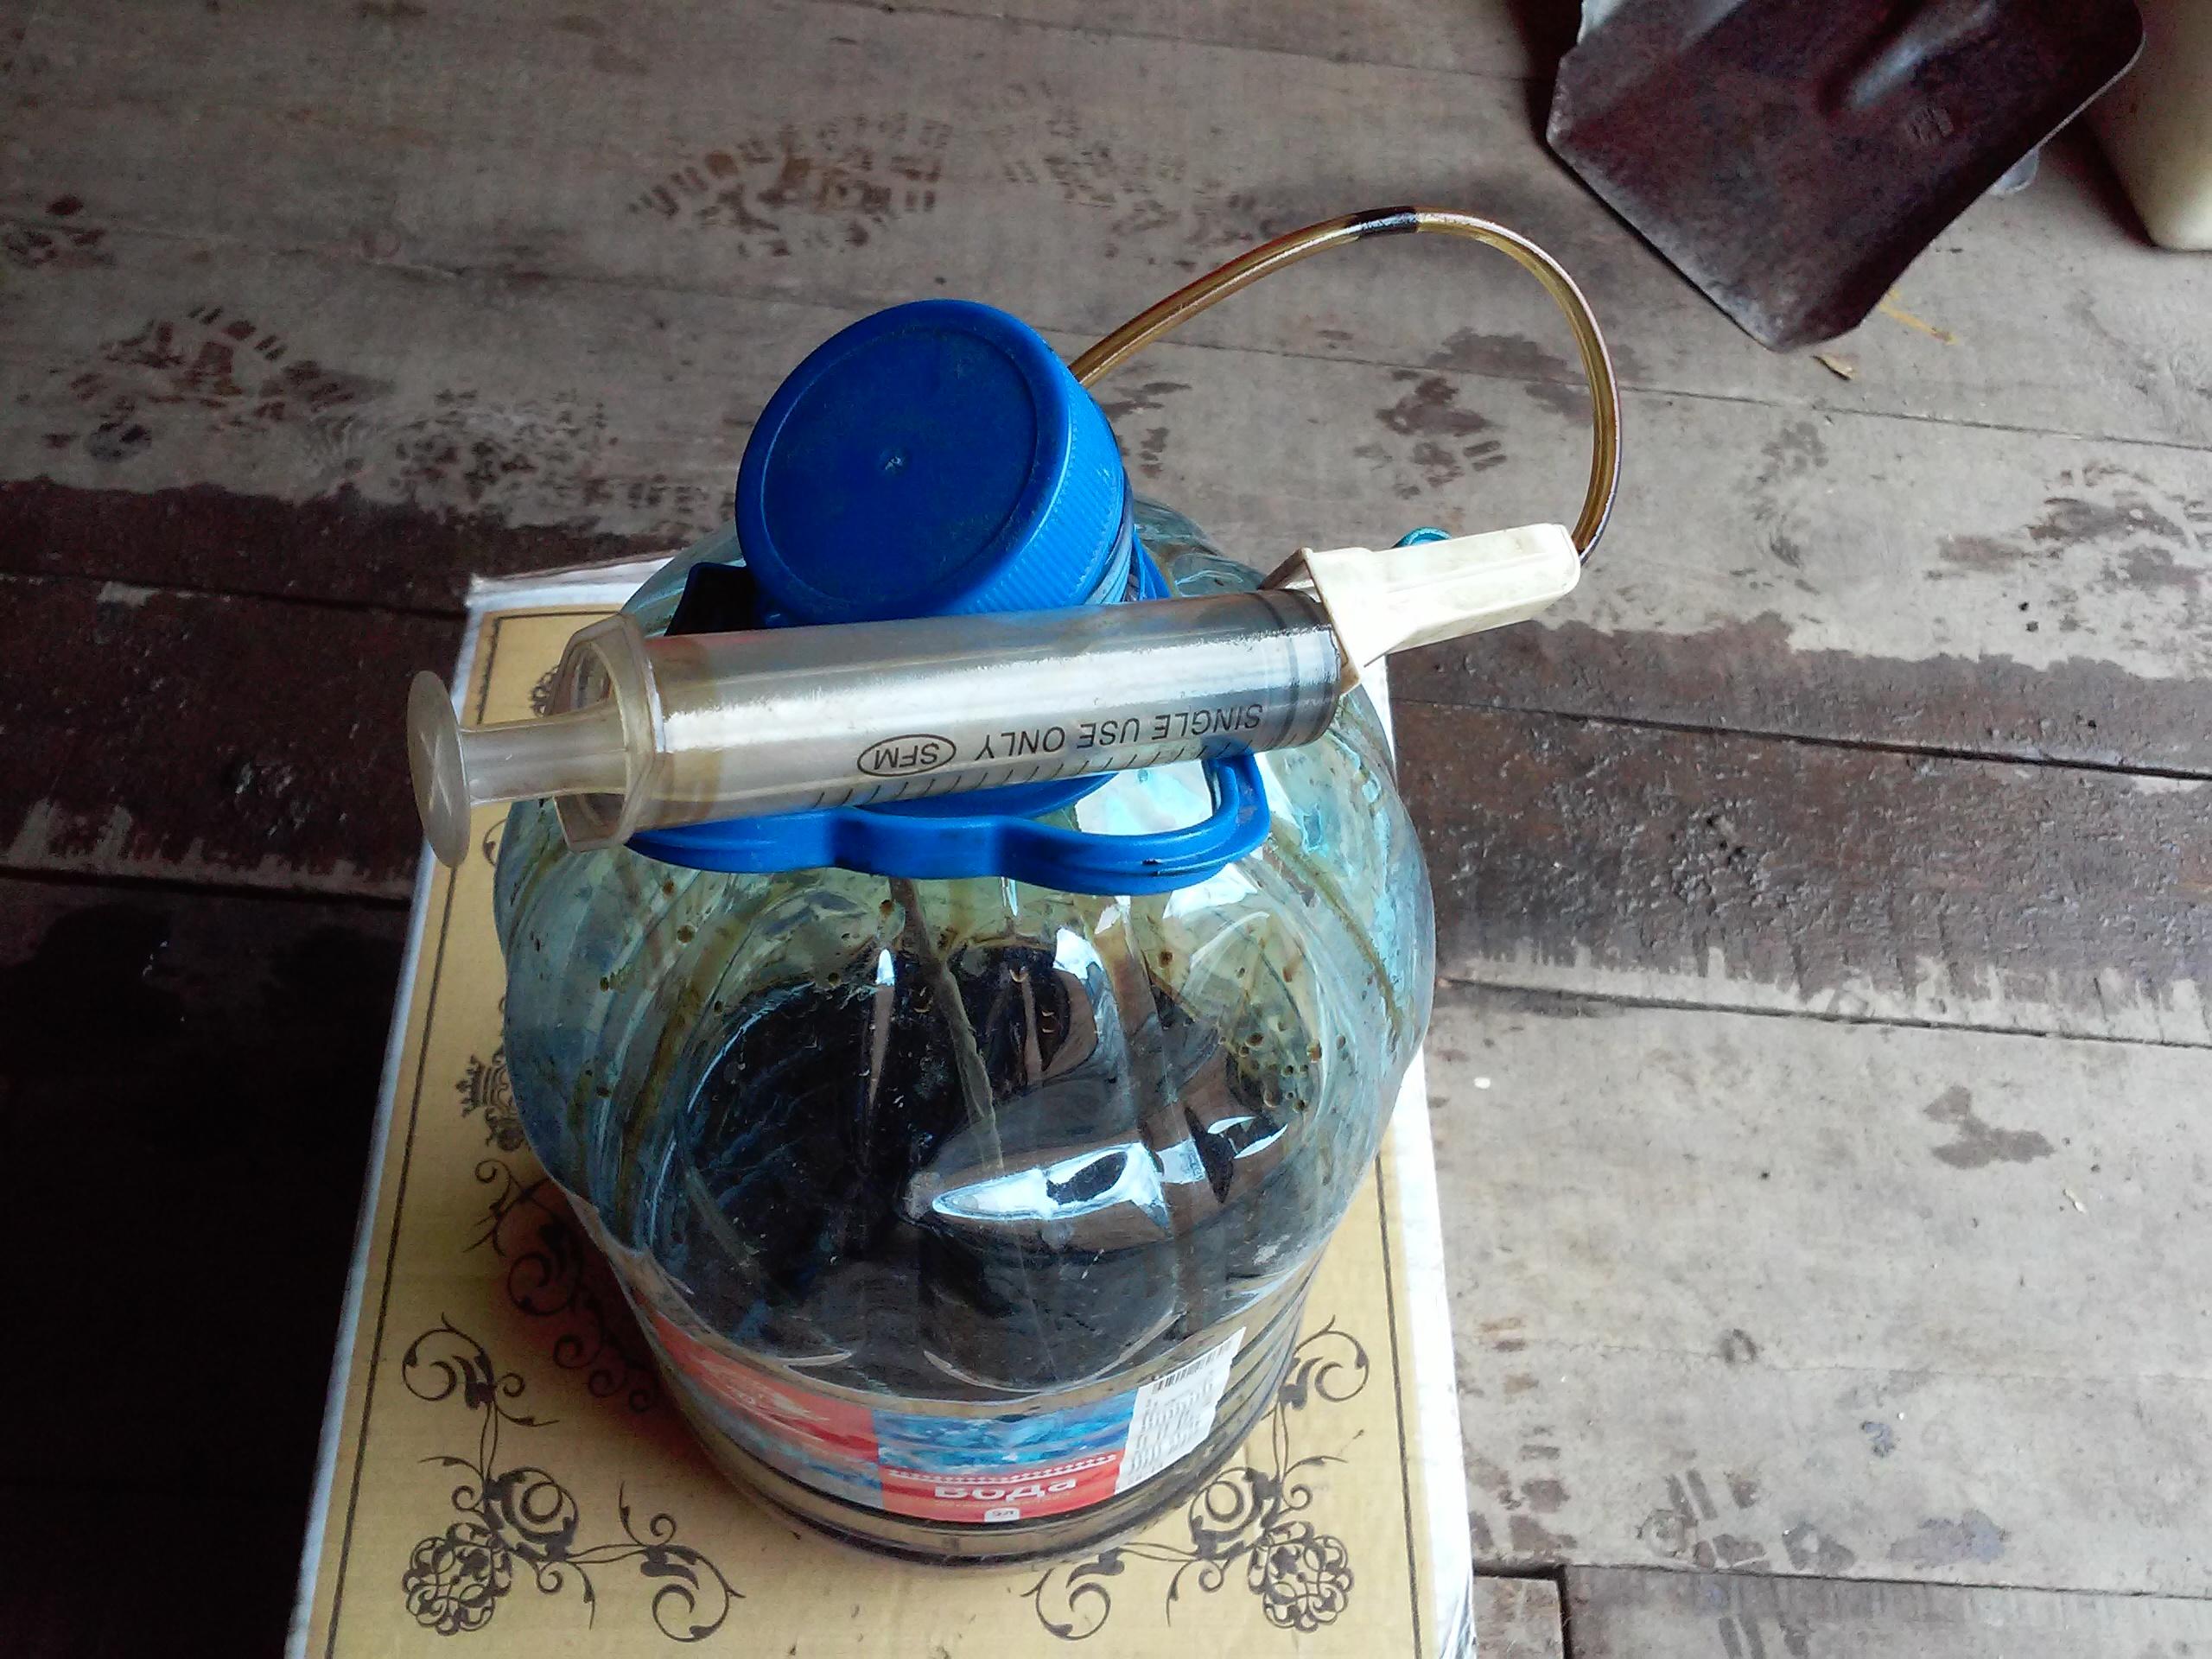 Устройство для замены масла в двигателе своими руками